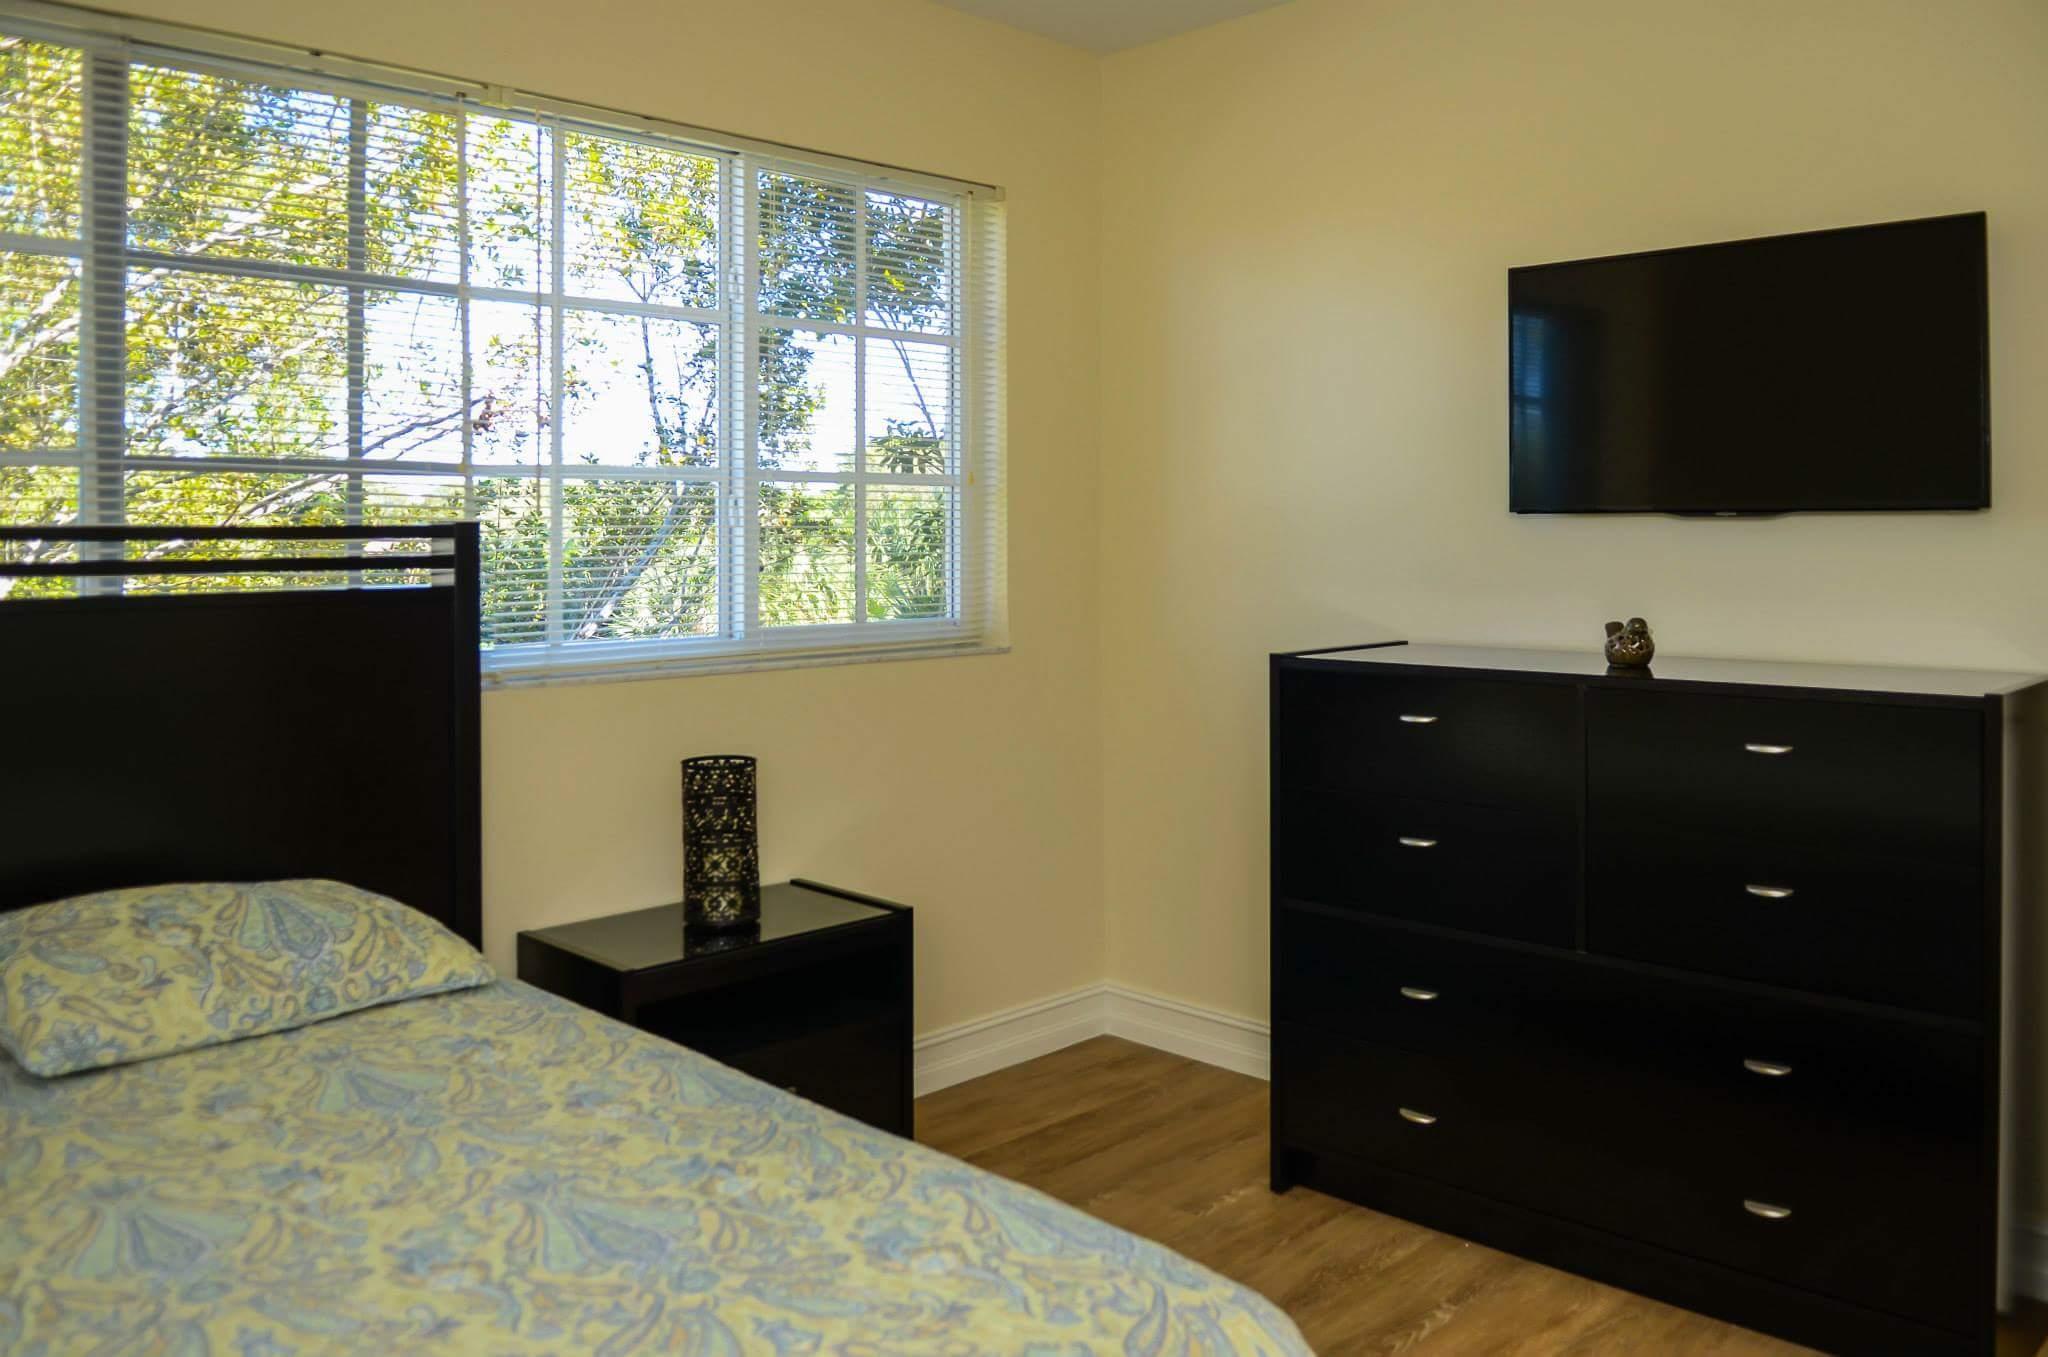 Banyan Place at Boca Raton Bedroom